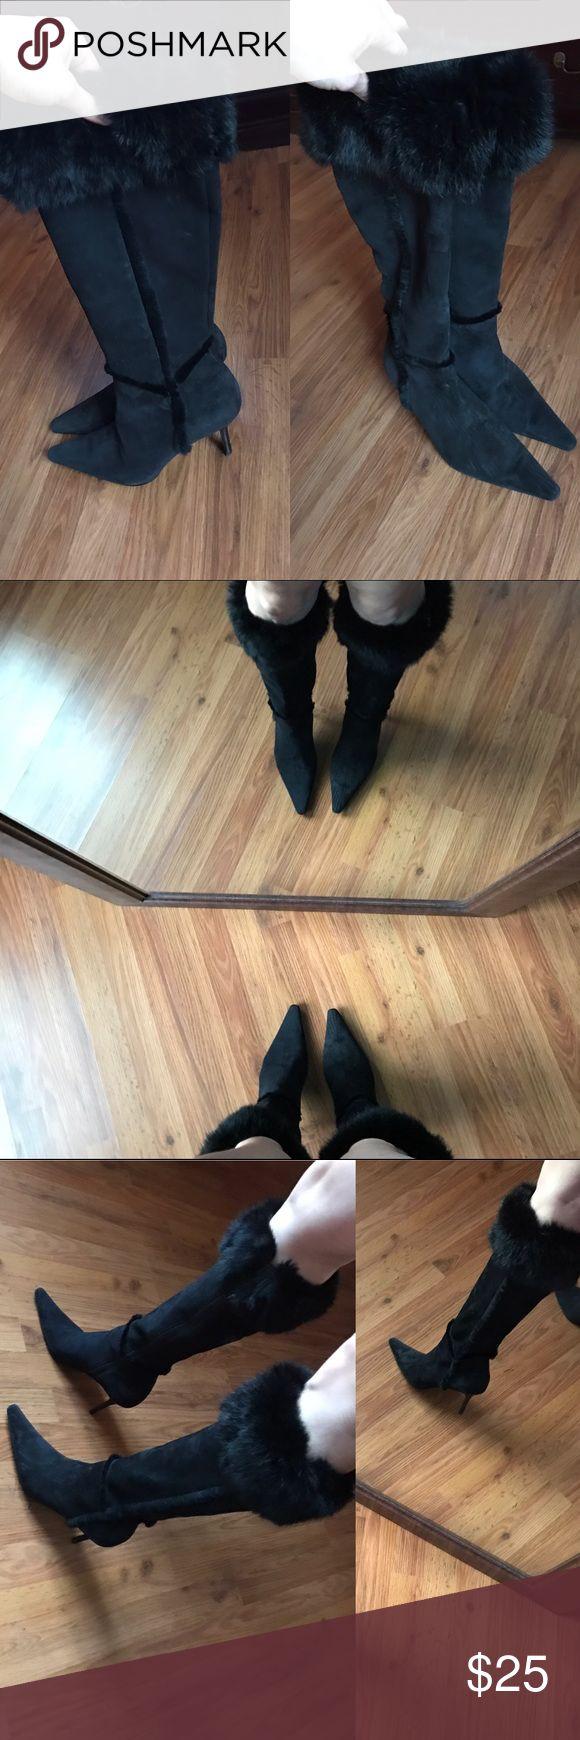 Carlos Santana Boots Black Suede Carlos Santana Boot, never worn. No trades! Carlos Santana Shoes Heeled Boots